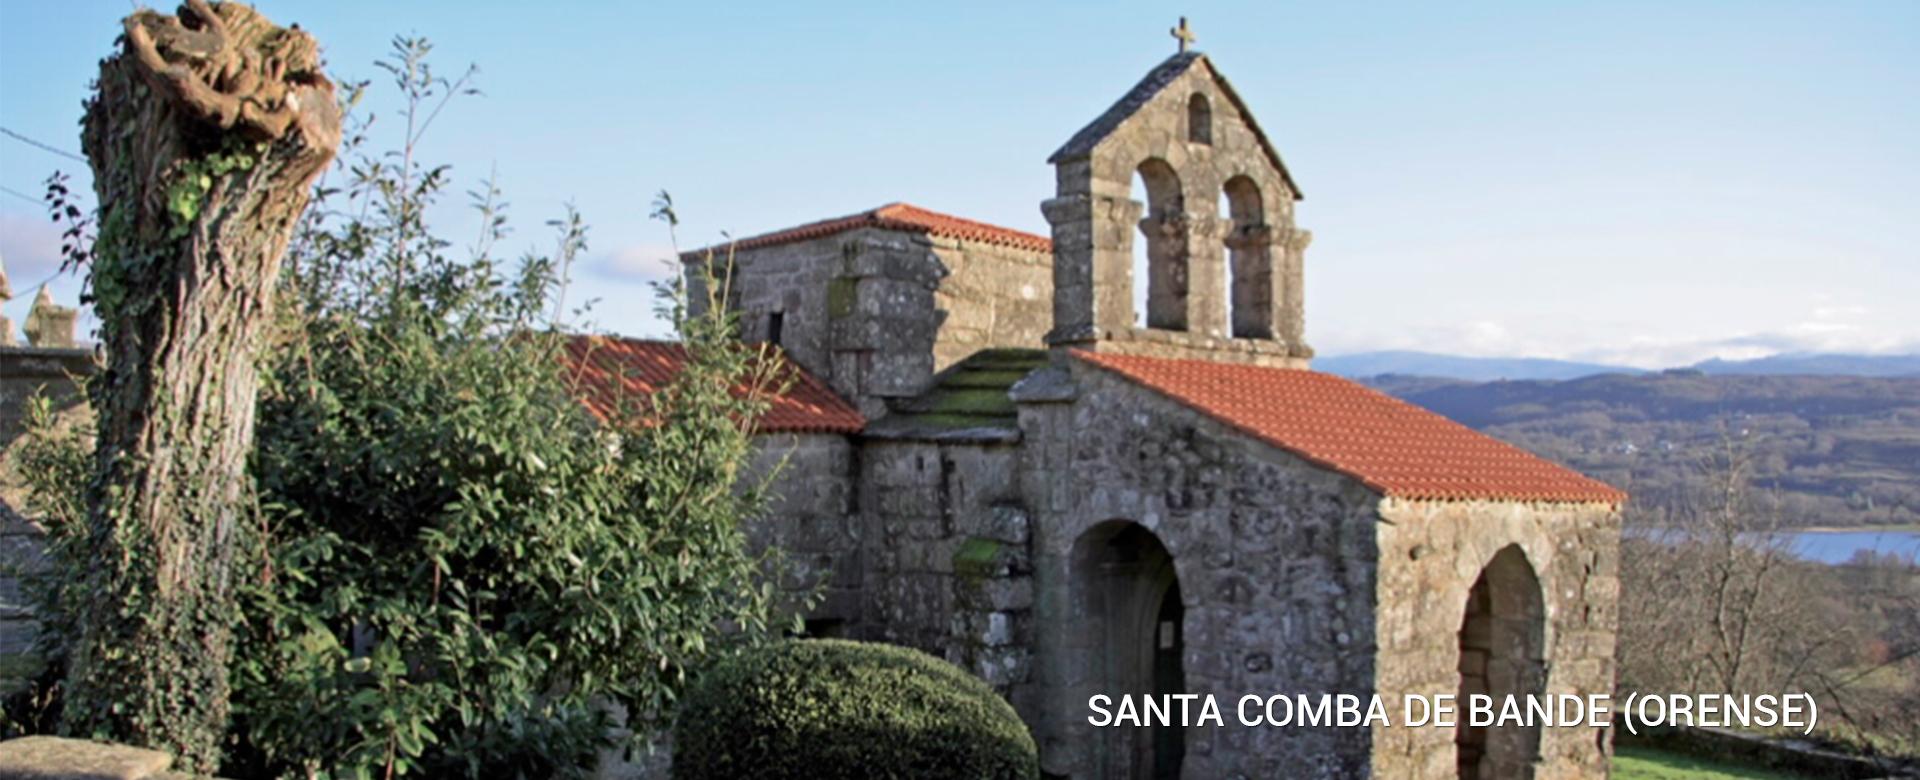 Santa-Comba-de-Bande